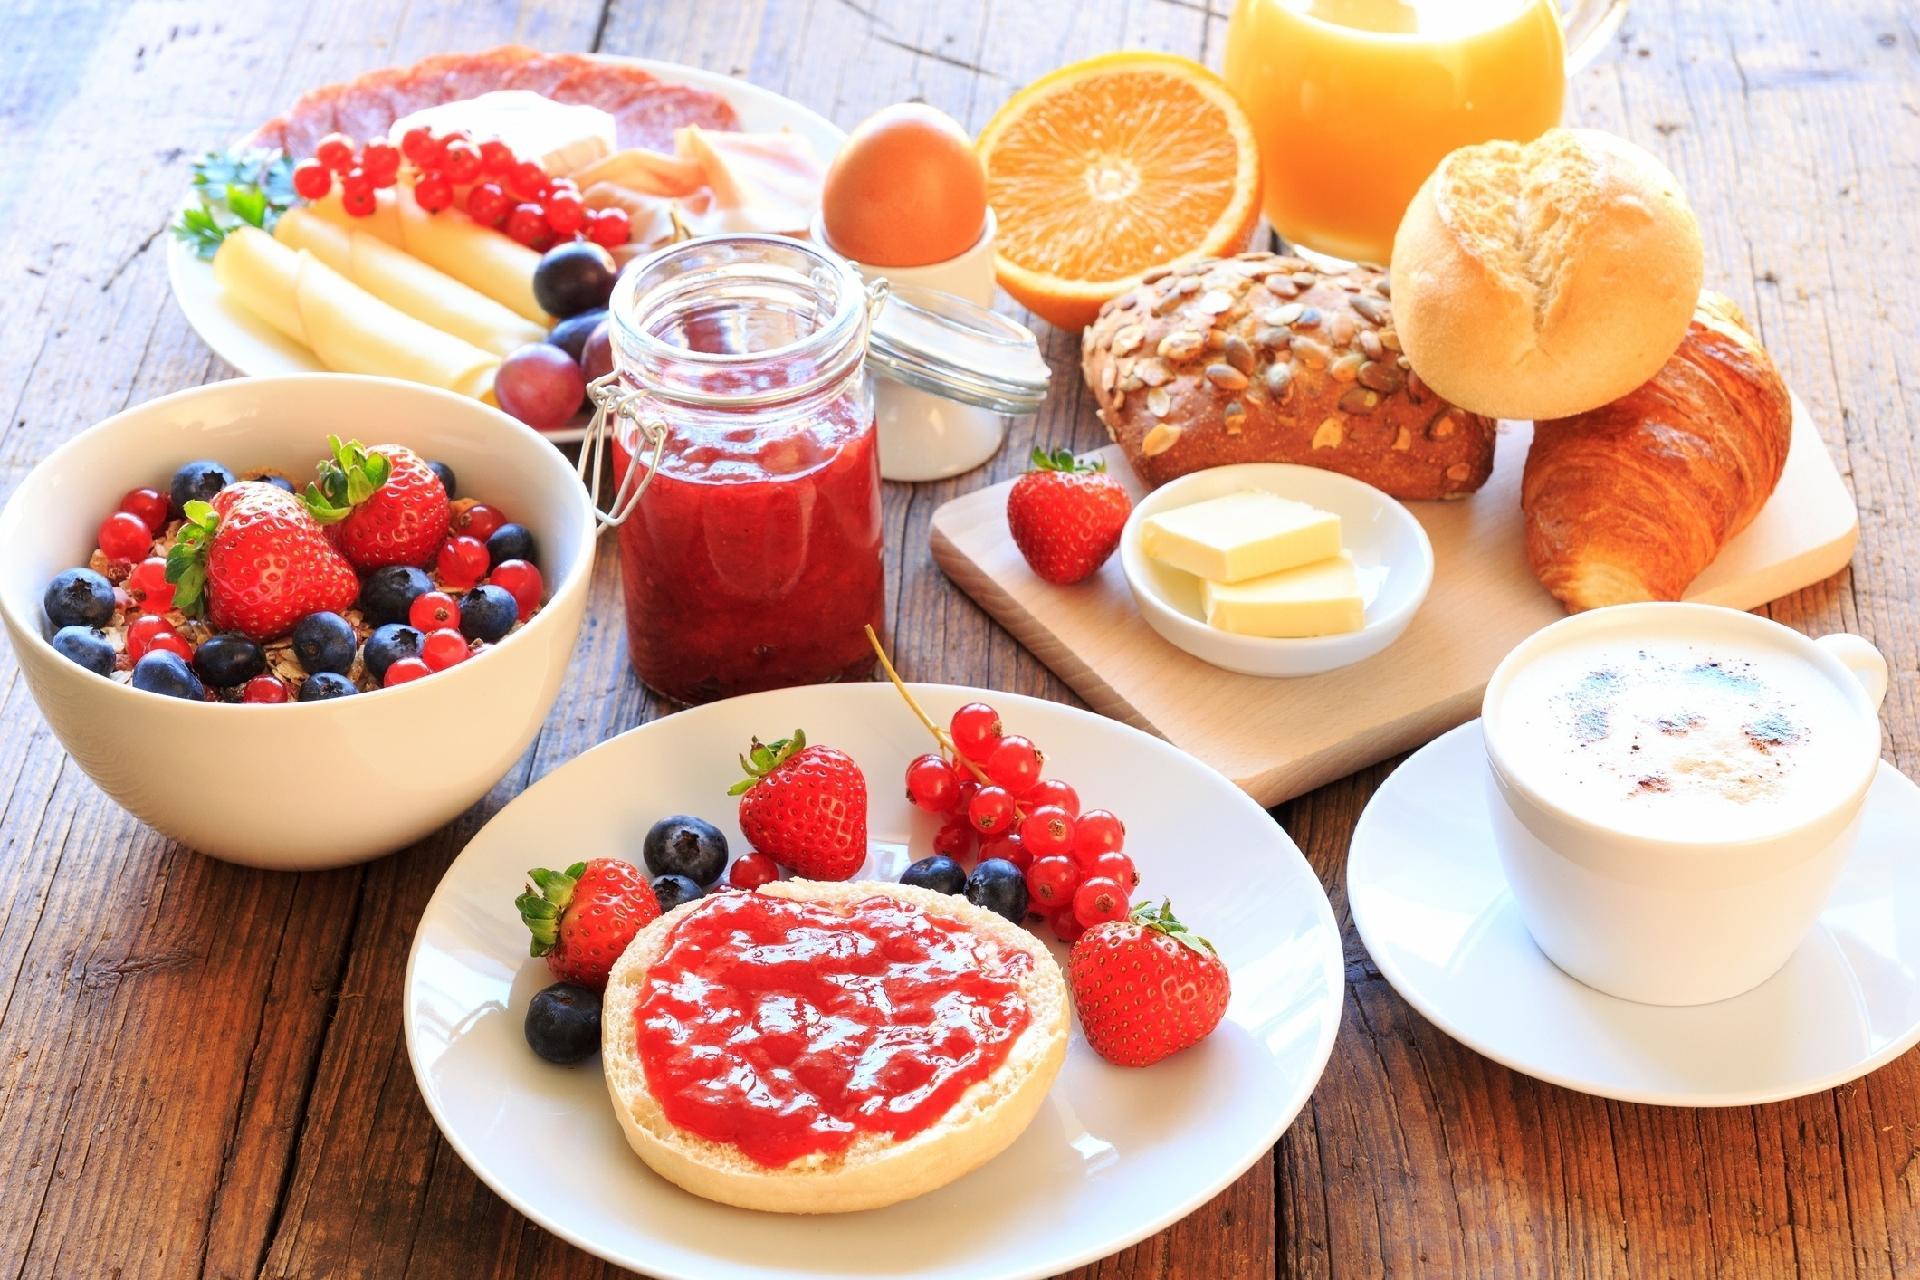 Tomar café da manhã é fundamental  veja 7 opções de cardápios saudáveis -  10 02 2017 - UOL VivaBem 8d177fccd601a